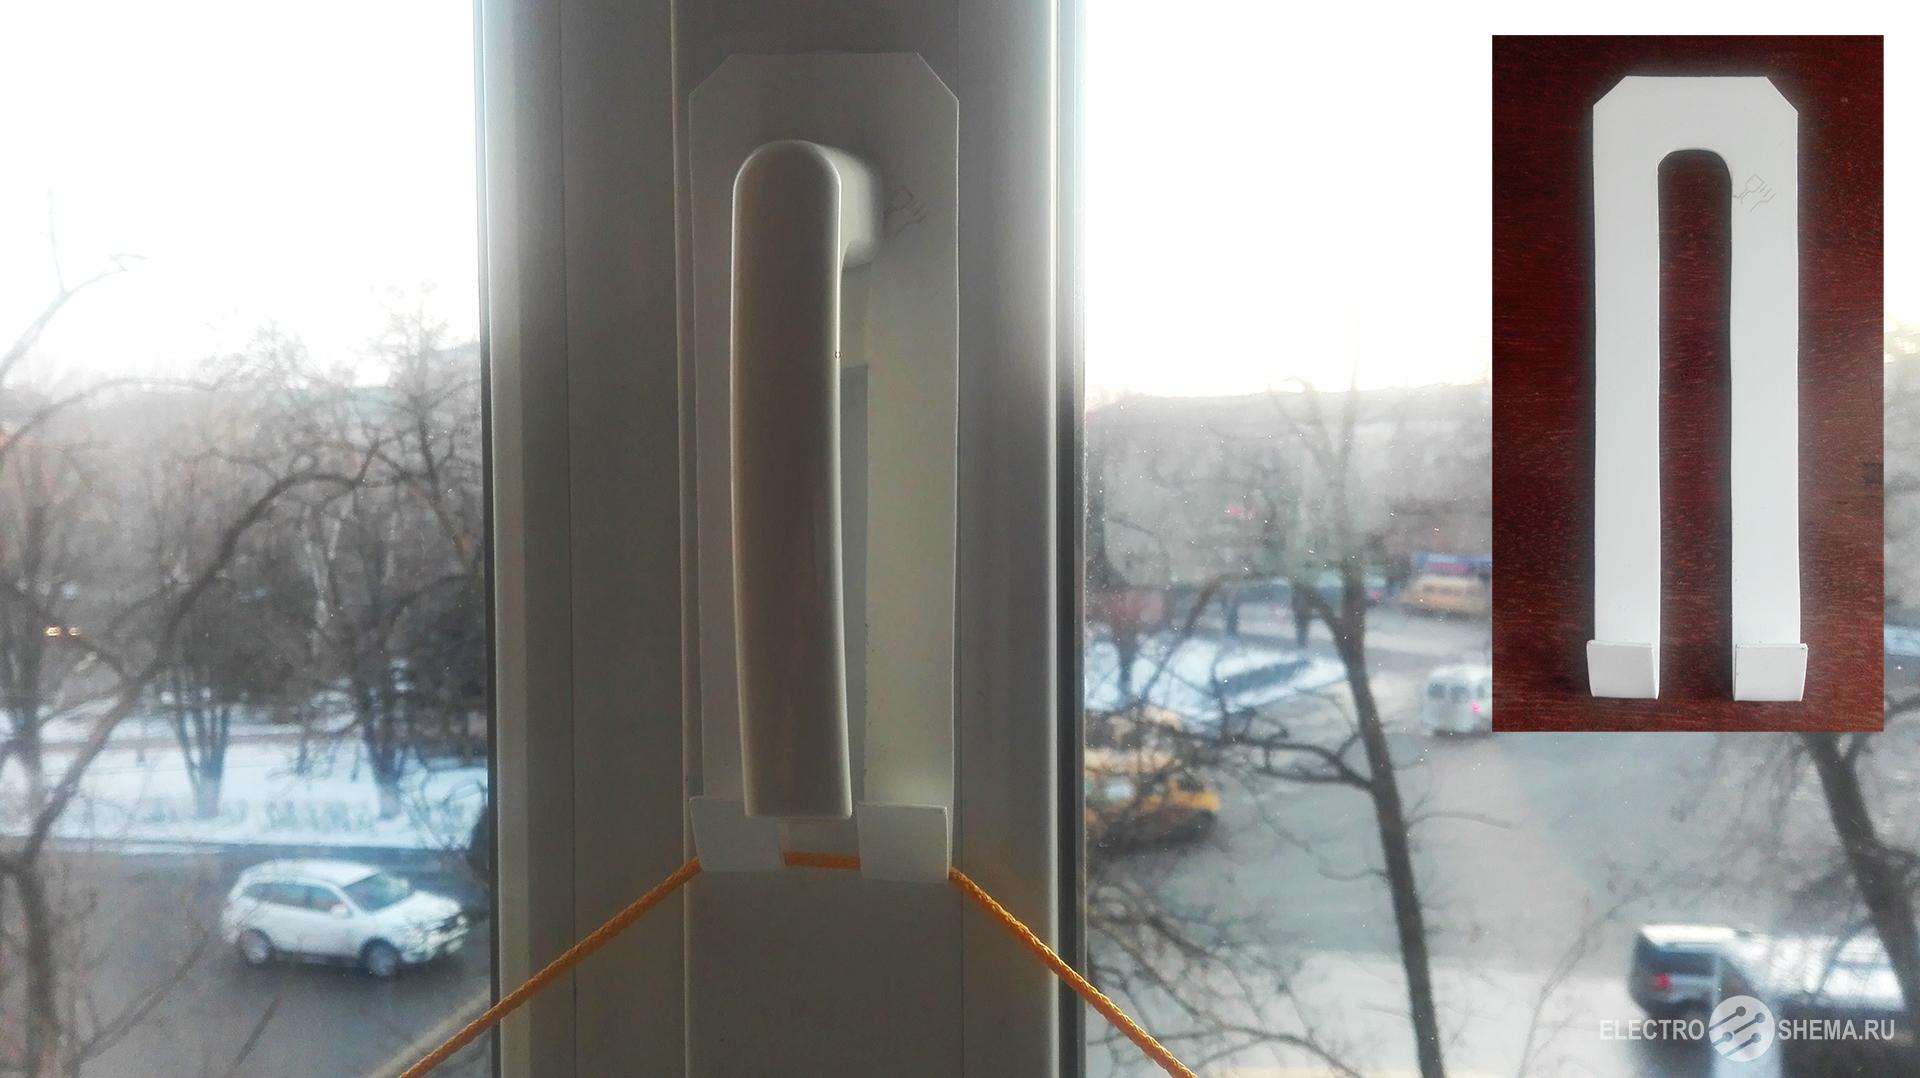 Как закрепить лампу для рассады на подоконнике